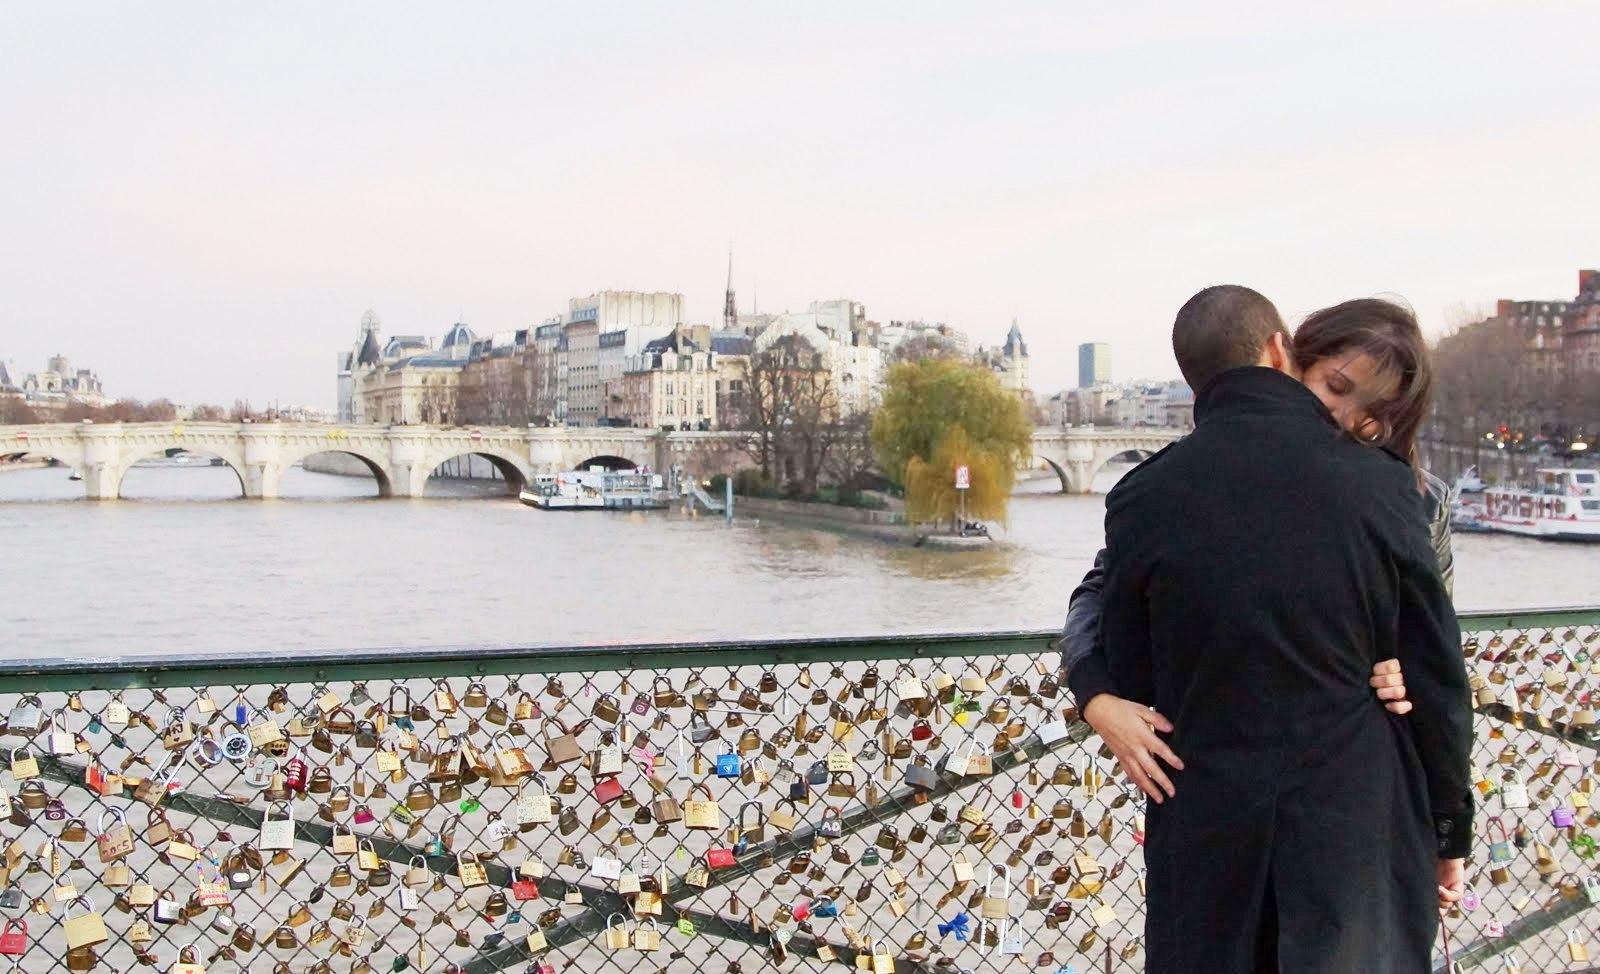 Sepasang kekasih di jembatan Gembok Cinta. (europeaupif.com)